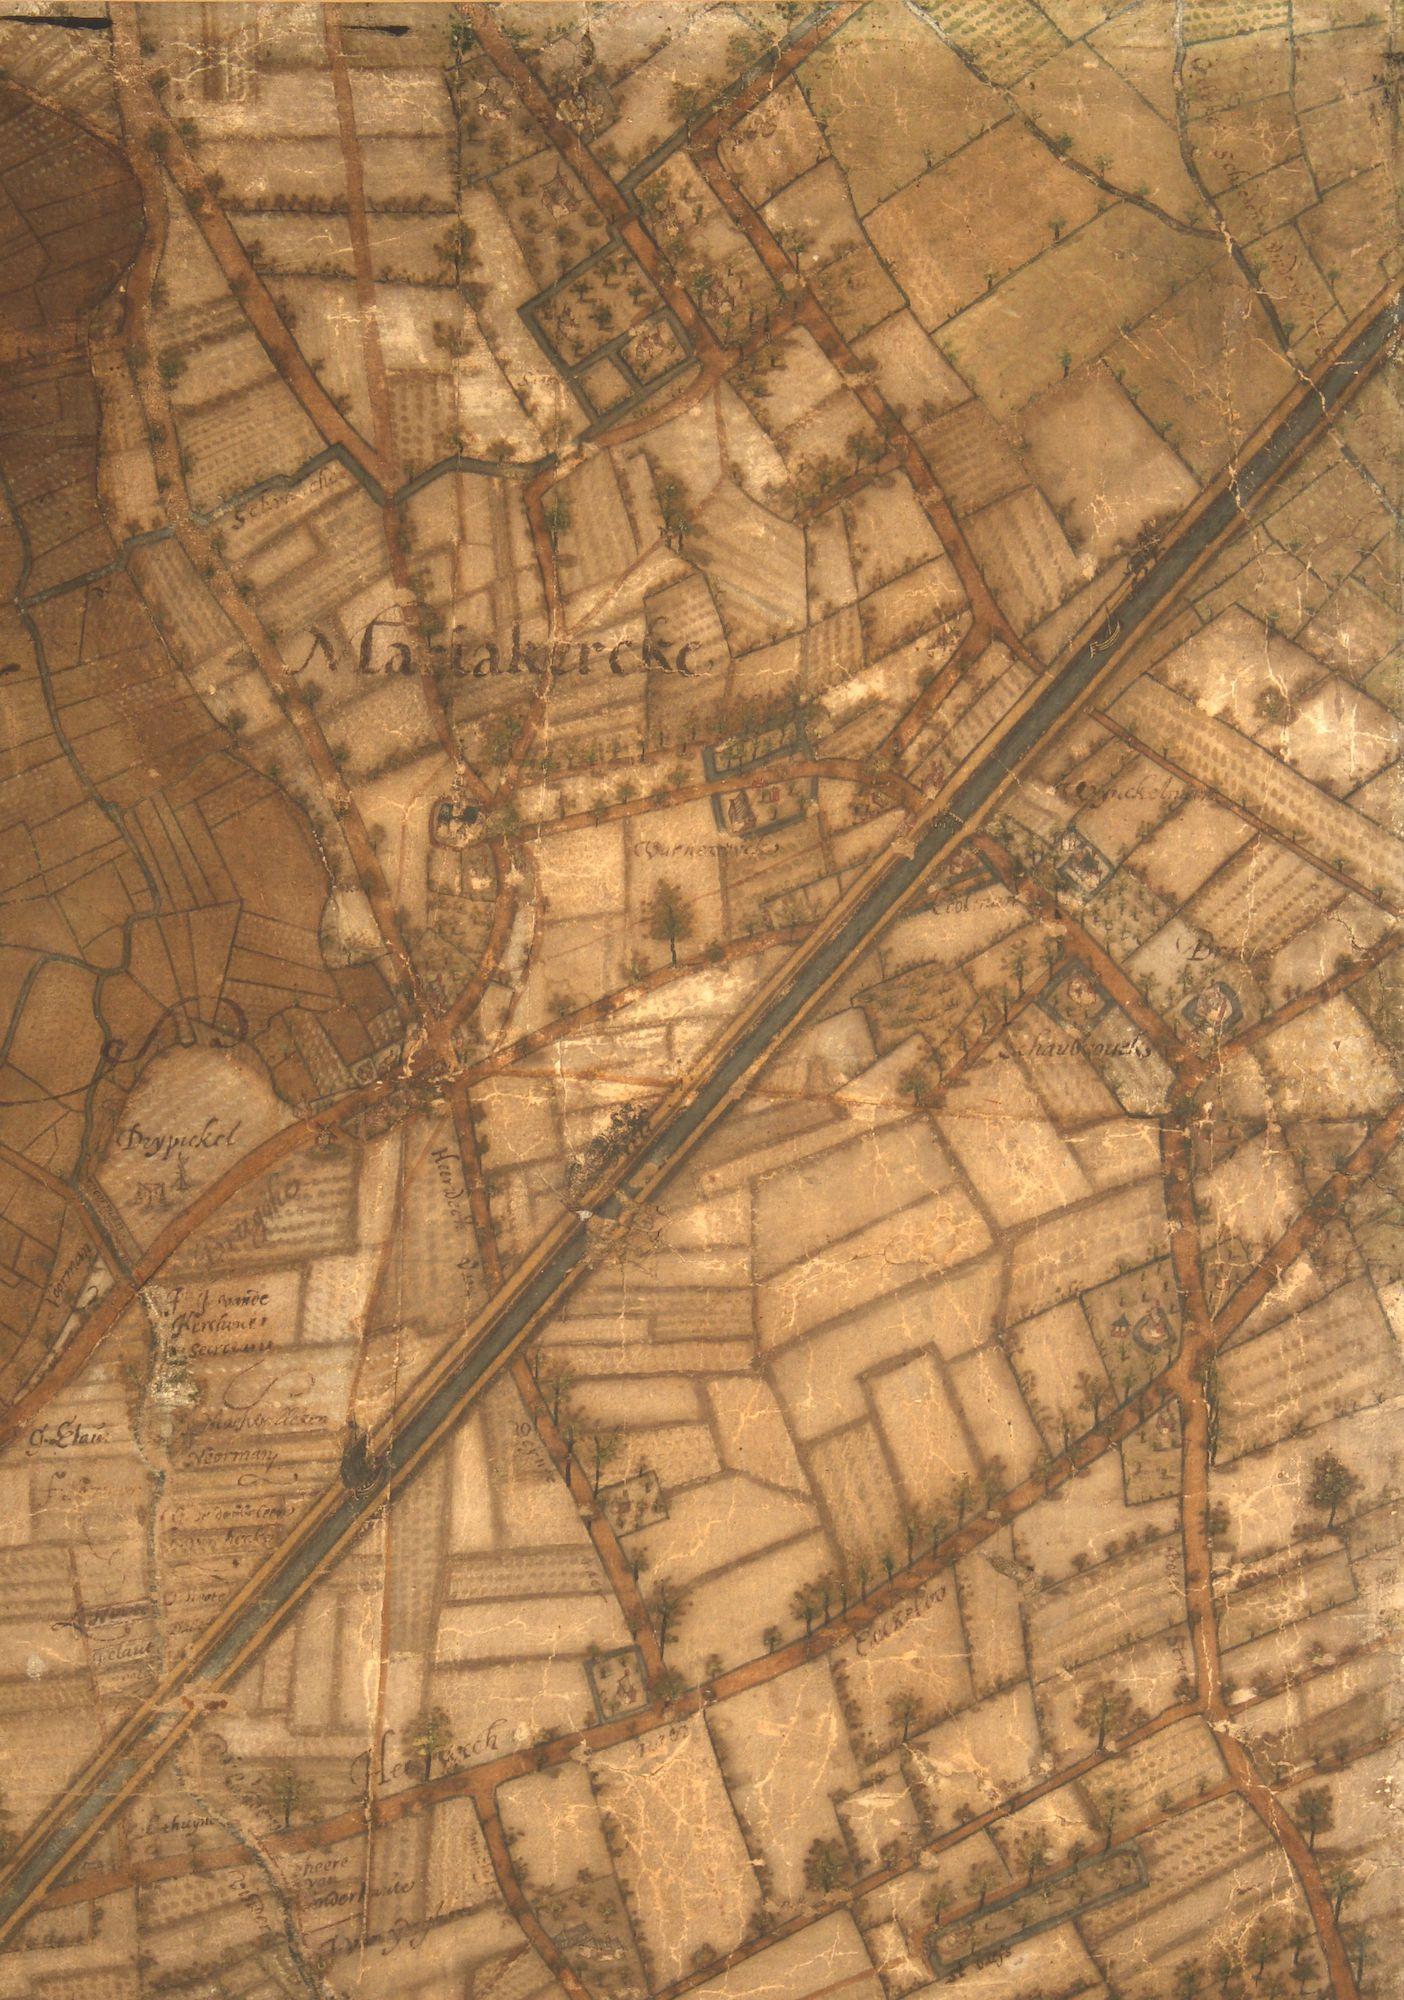 Mariakerke en de Brugse Vaart: kaartdeel 01 (V) van de Kaart van Gent en het Vrije van Gent afgebakend door de Rietgracht, Jacques Horenbault, 1619